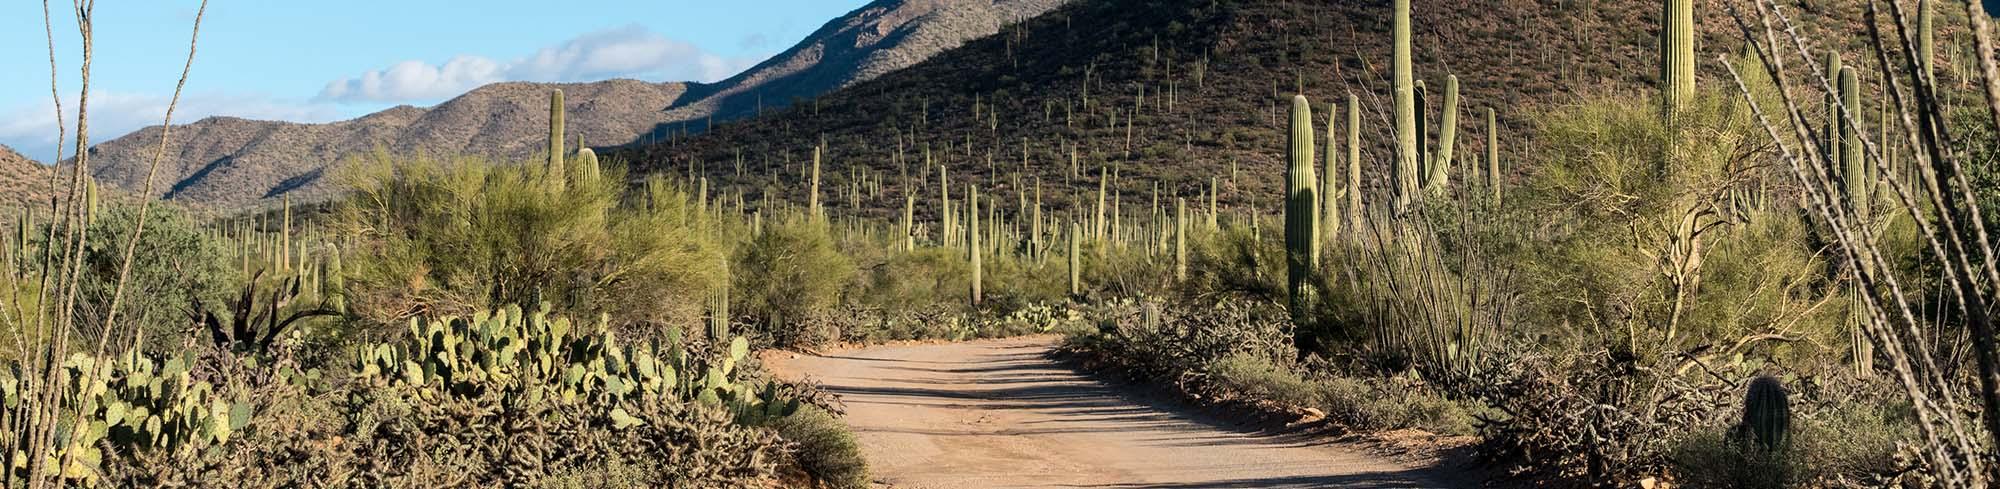 Desert road with cactus